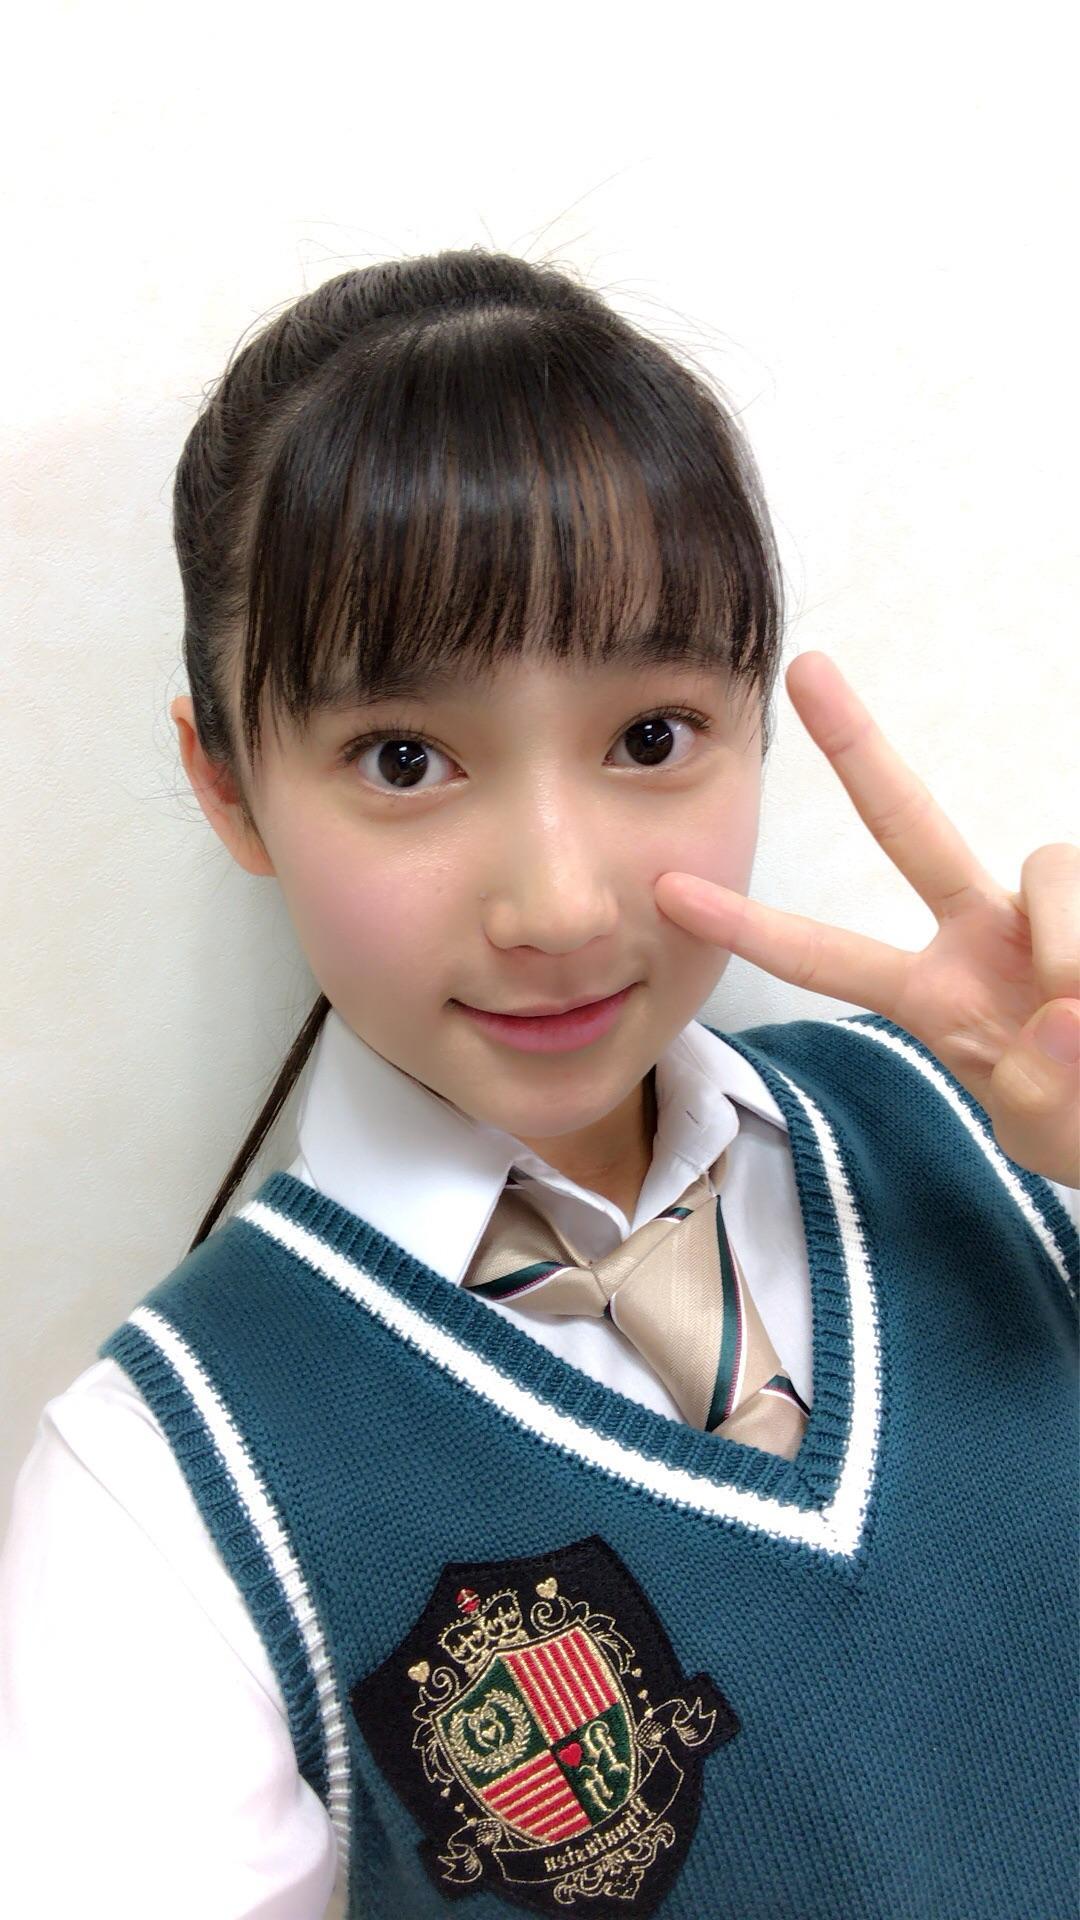 整体治療院71【無料動画】 新・歌舞伎町